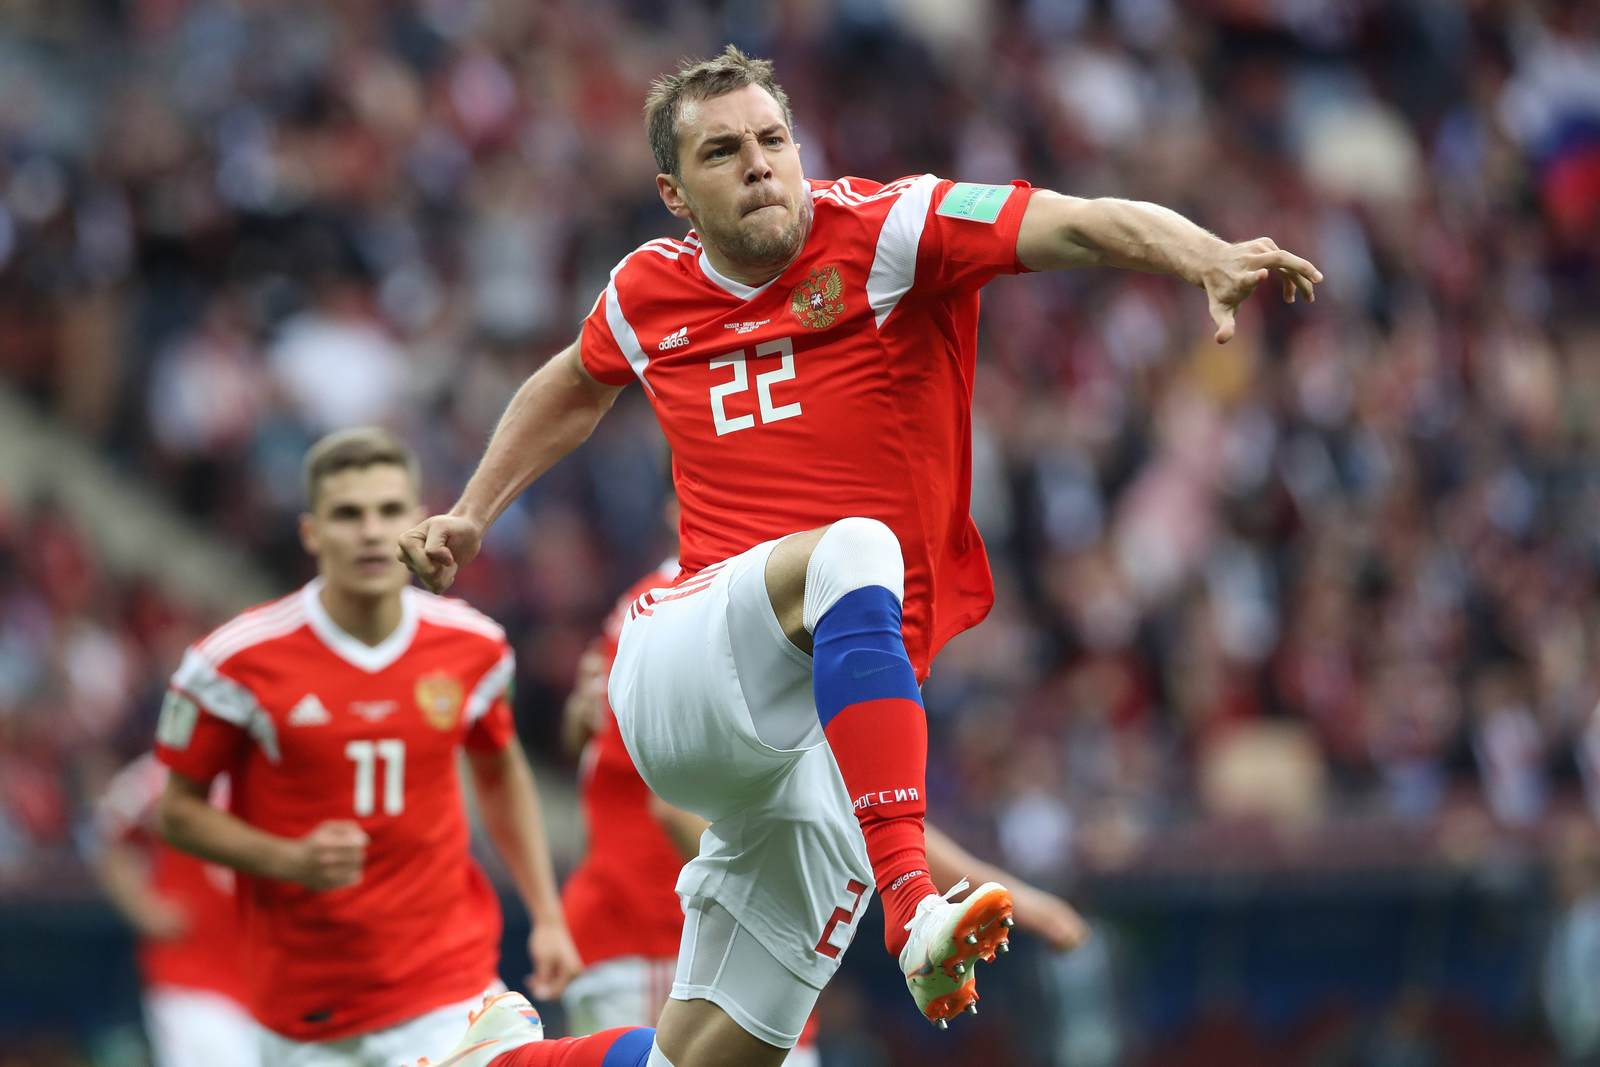 Artem Dzyuba jubelt. Jetzt auf die Partie Russland gegen Ägypten wetten.